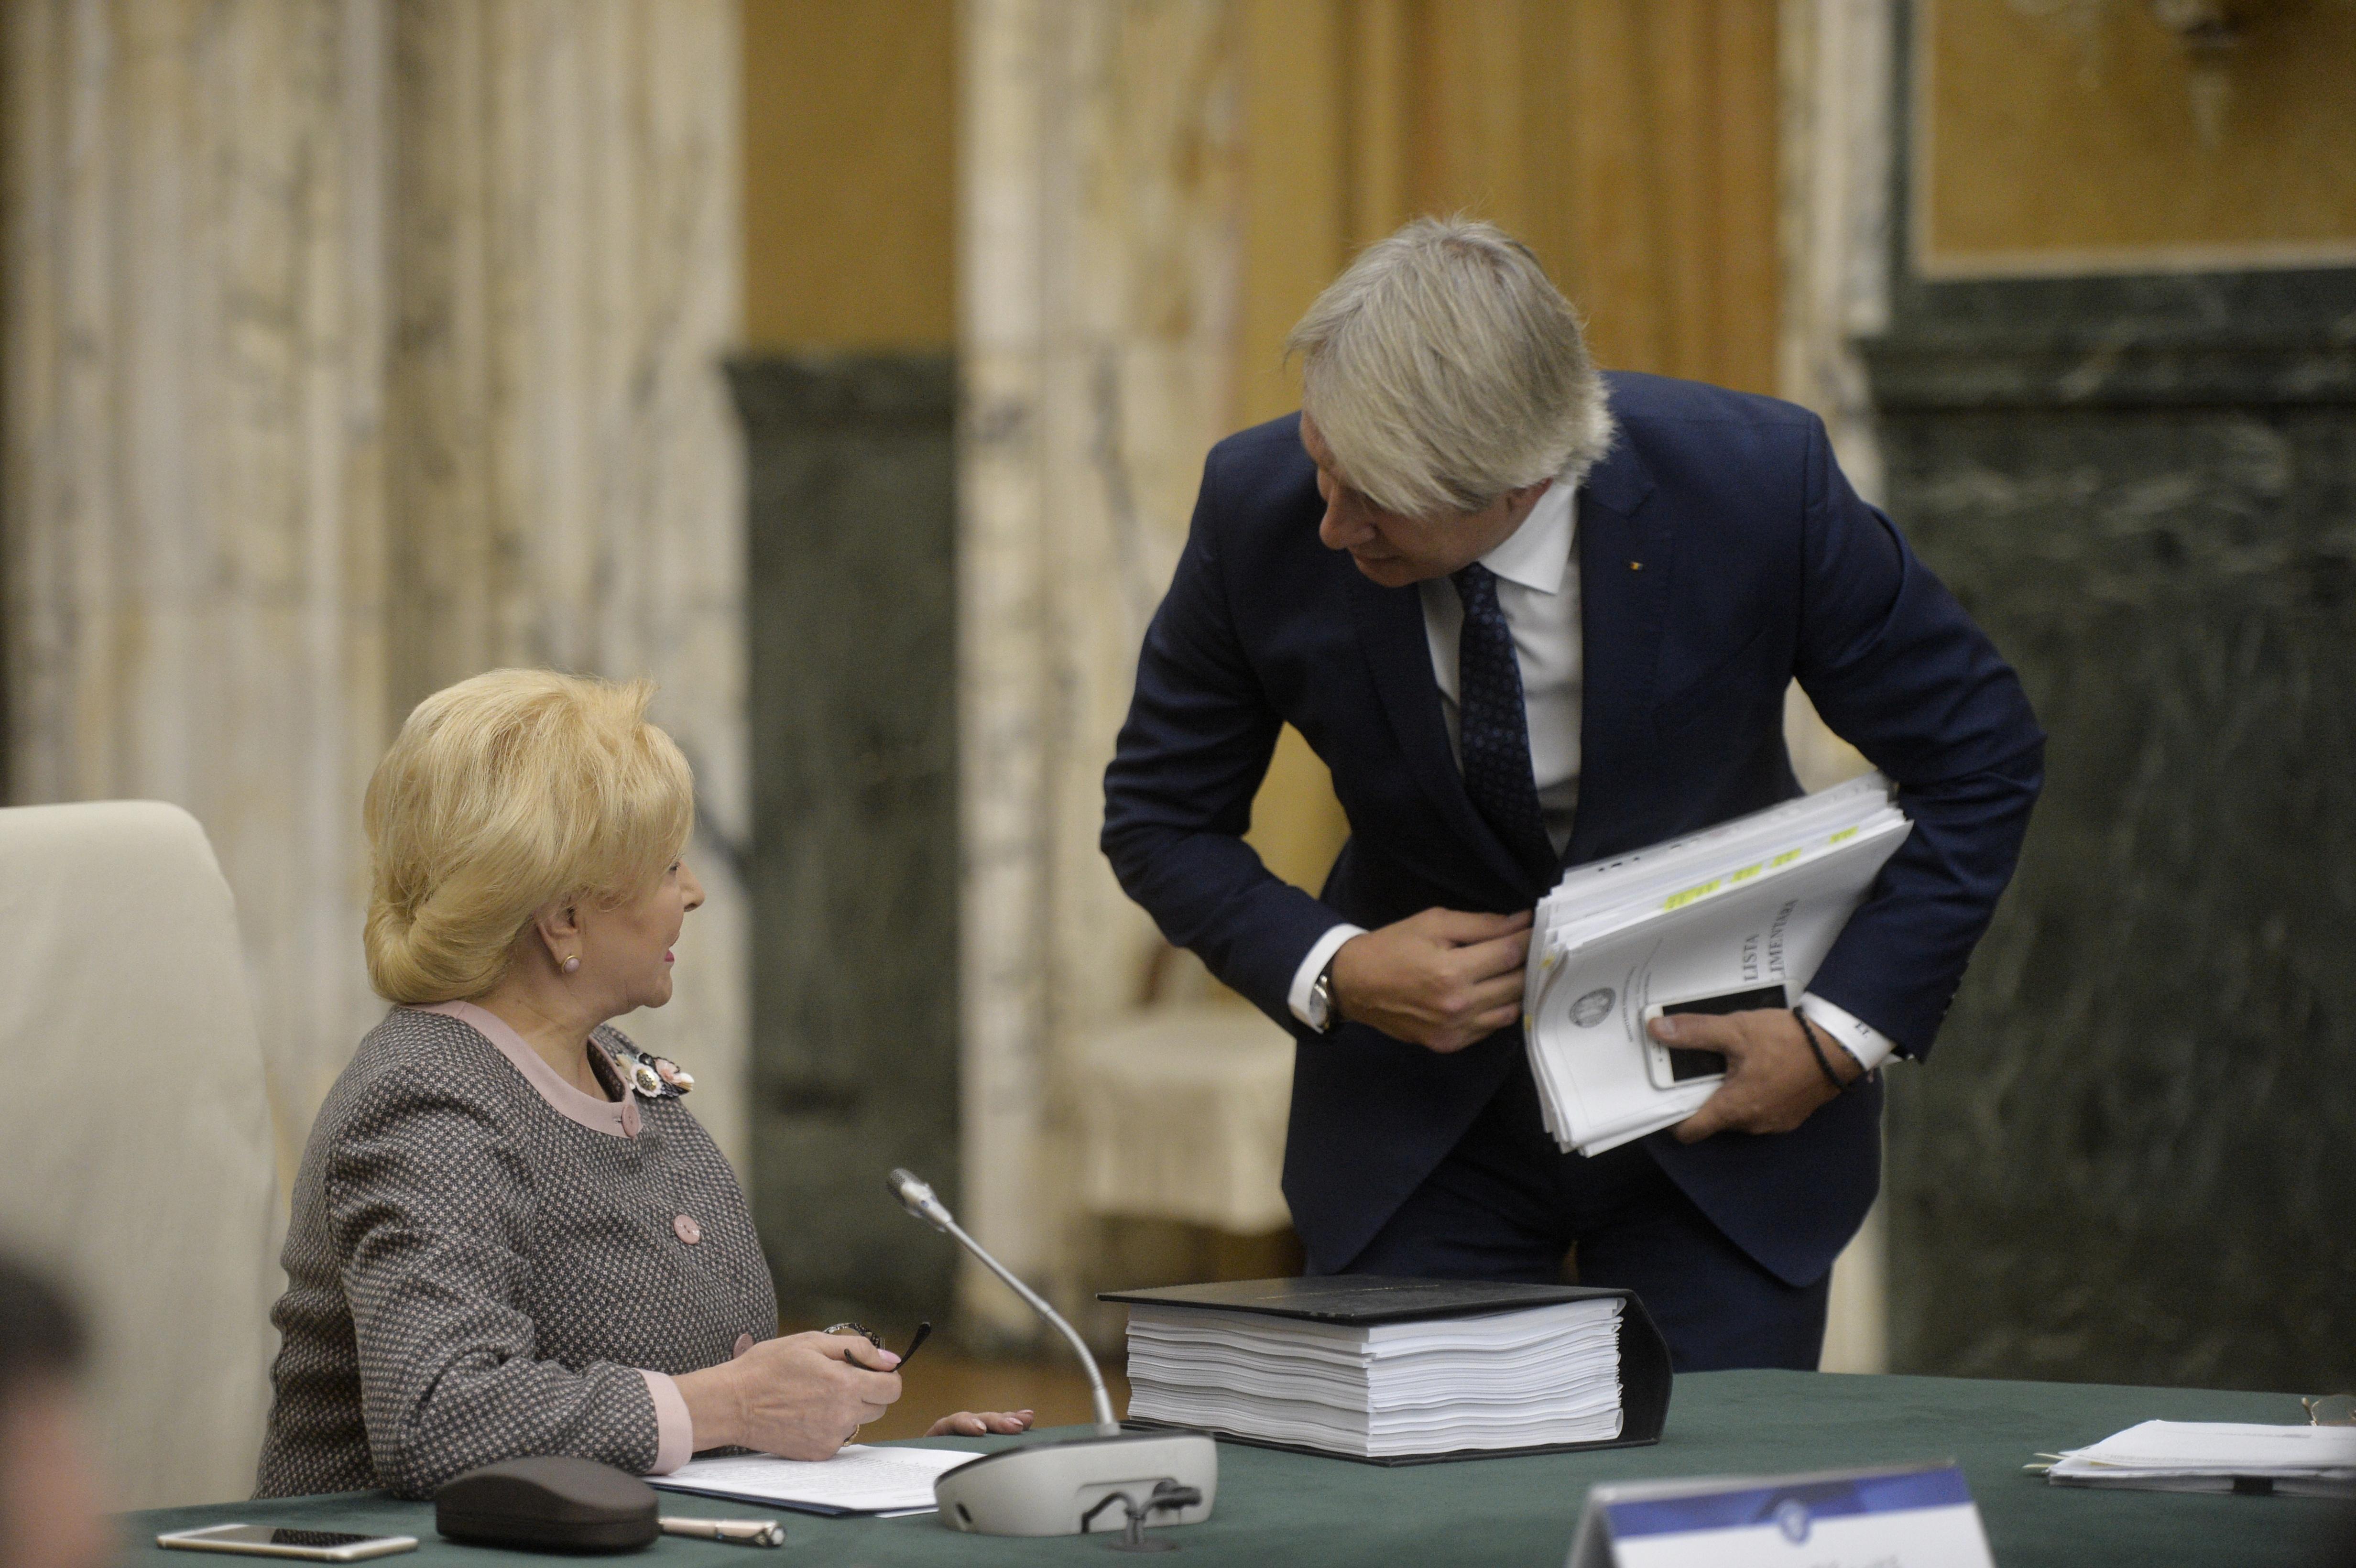 Ministrul Finanţelor anunţă o creştere economică de 5,5% pentru anul viitor/ Ce spune despre legea pensiilor